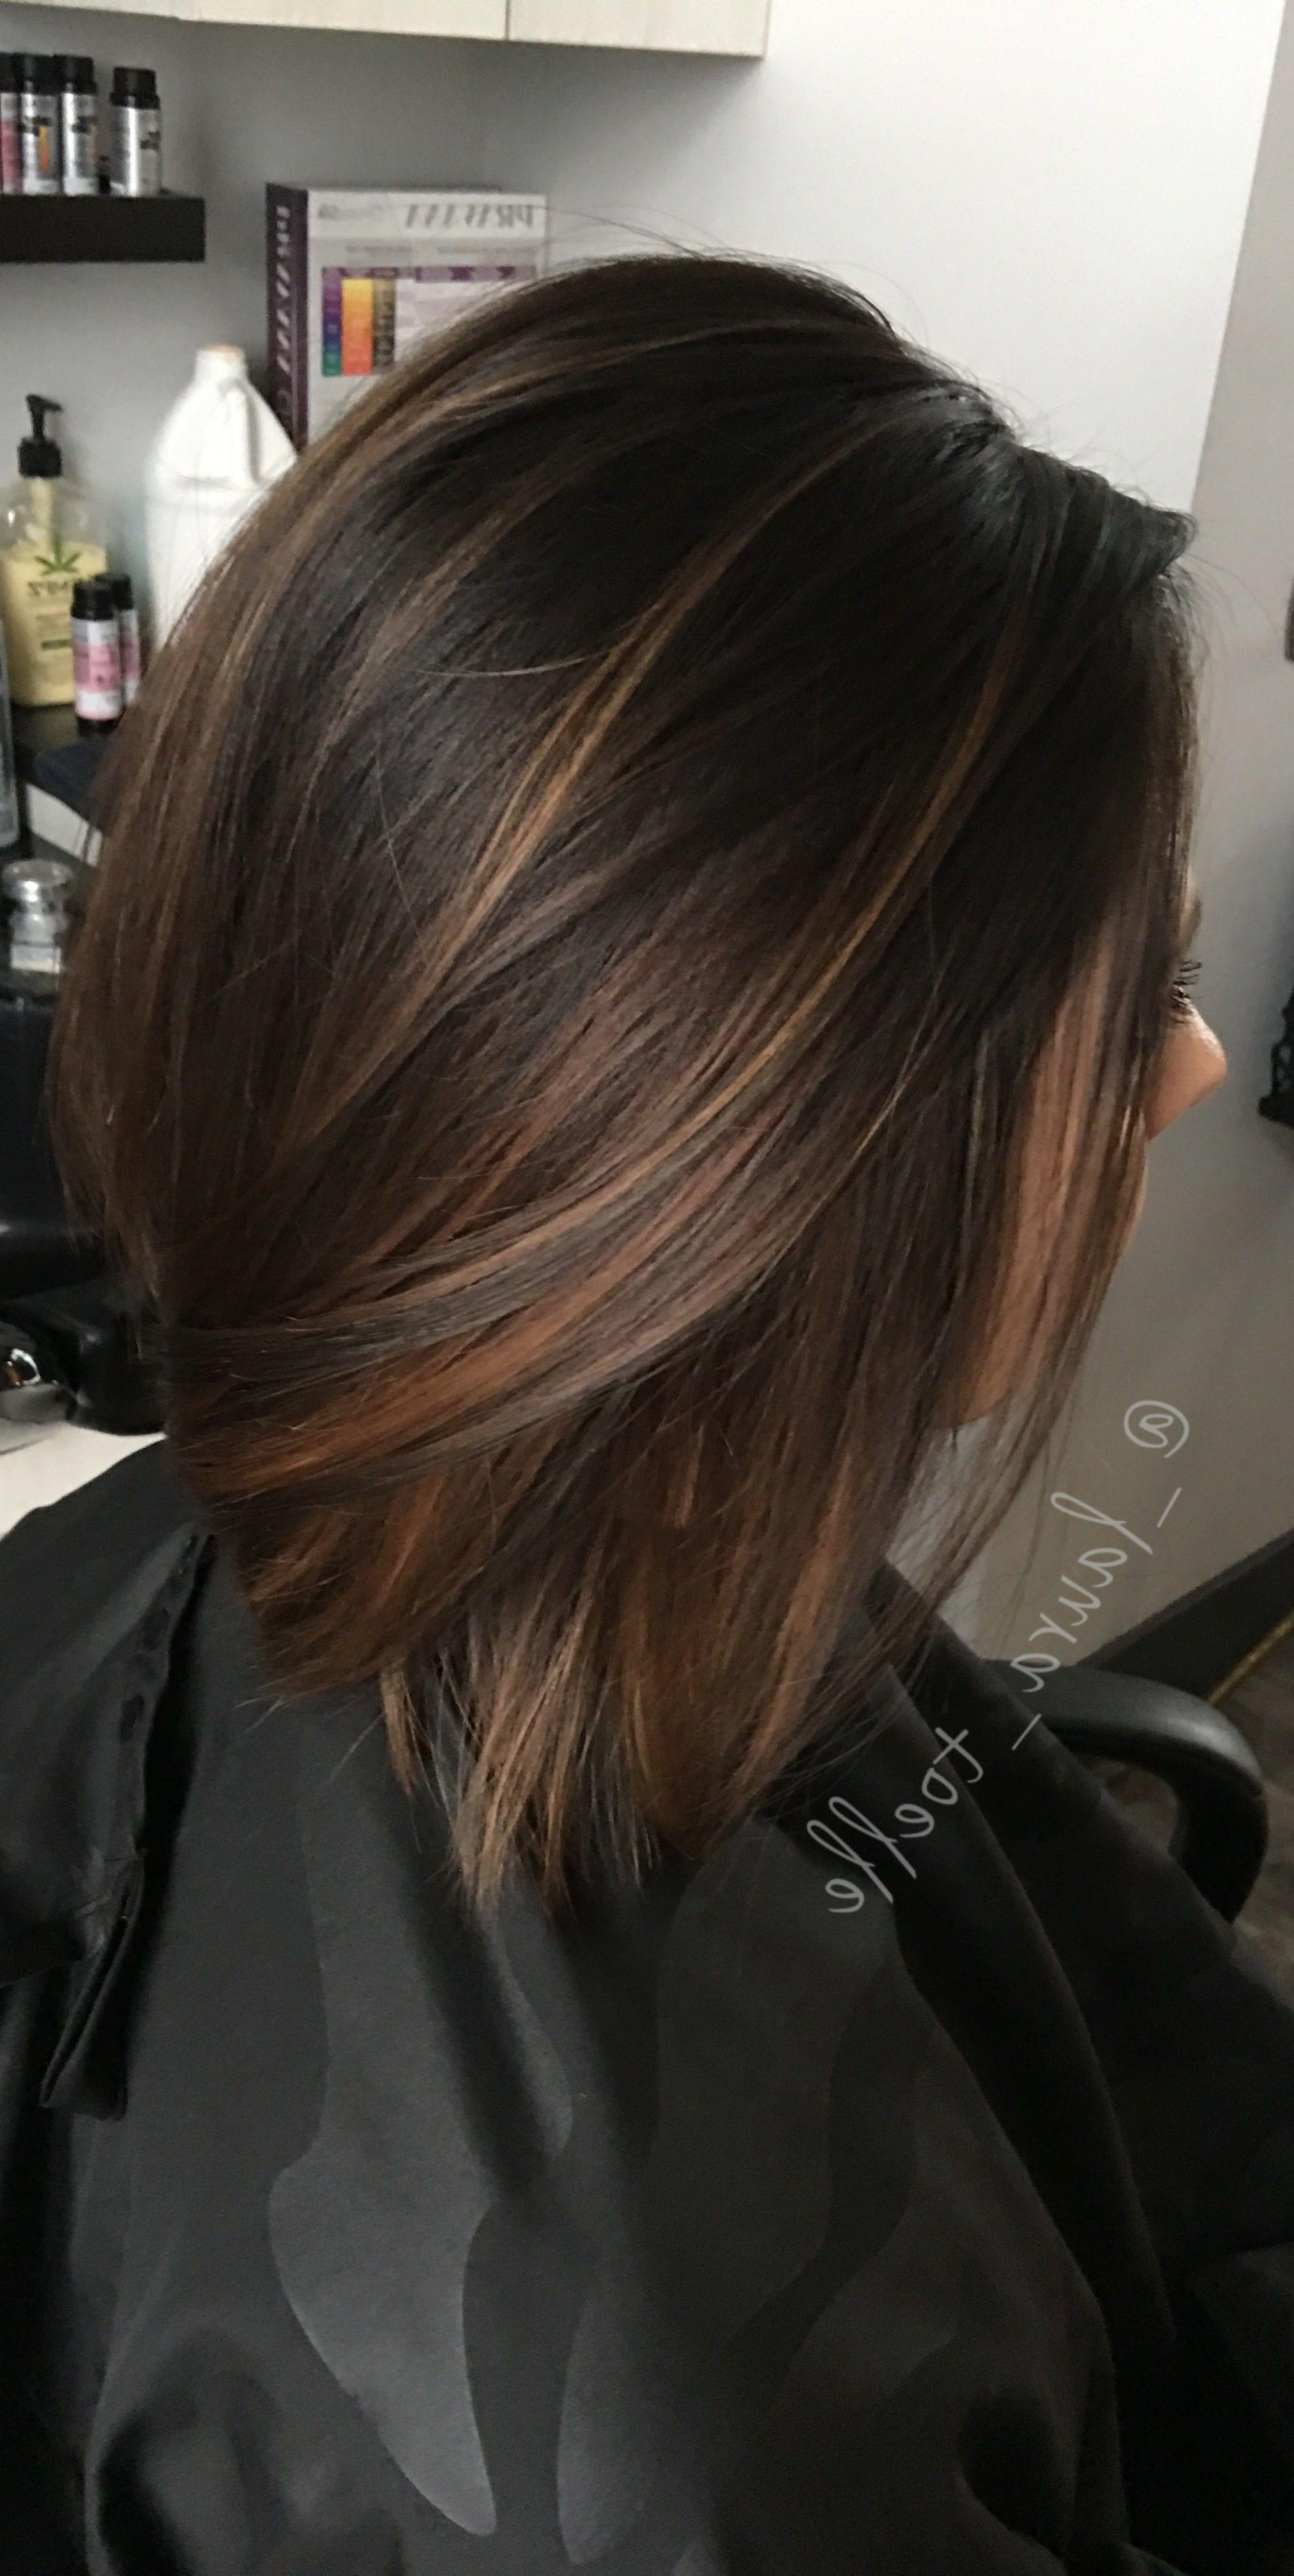 28 Incredible Examples Of Caramel Balayage On Short Dark Brown Hair Hair Styles Hair In 2020 Hair Styles Brown Hair With Highlights Highlights For Dark Brown Hair